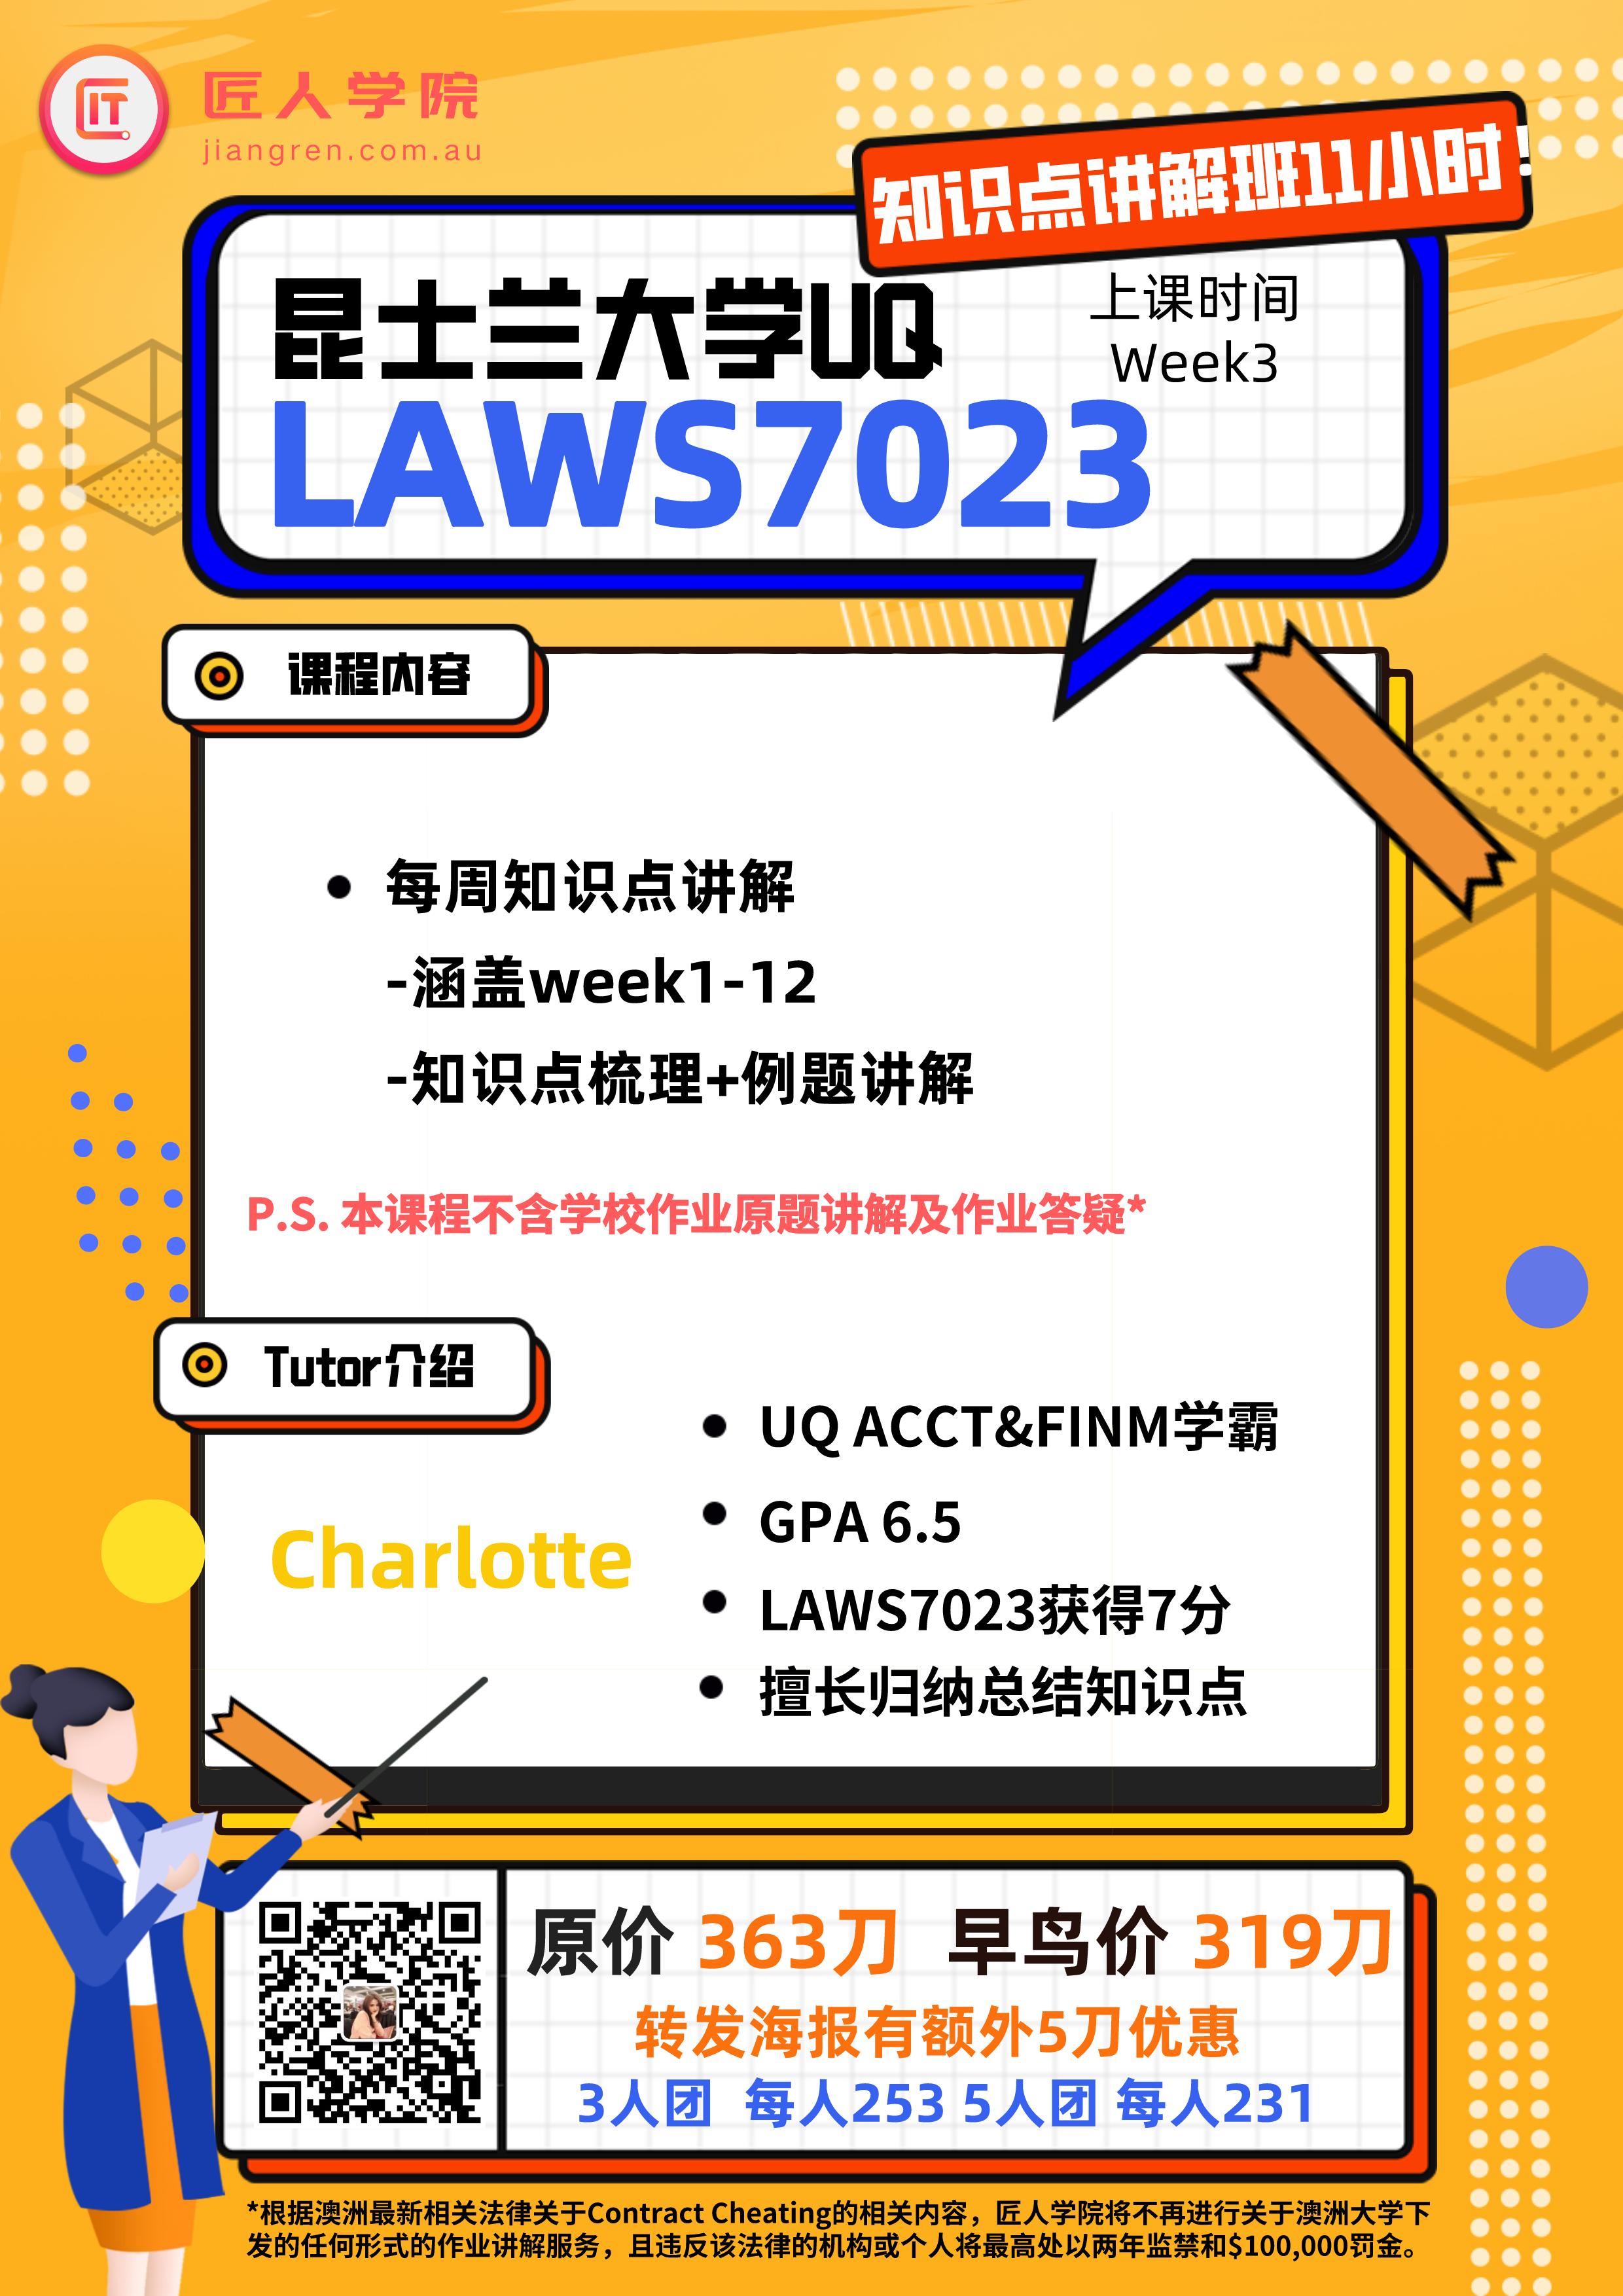 LAWS7023 知识点讲解班